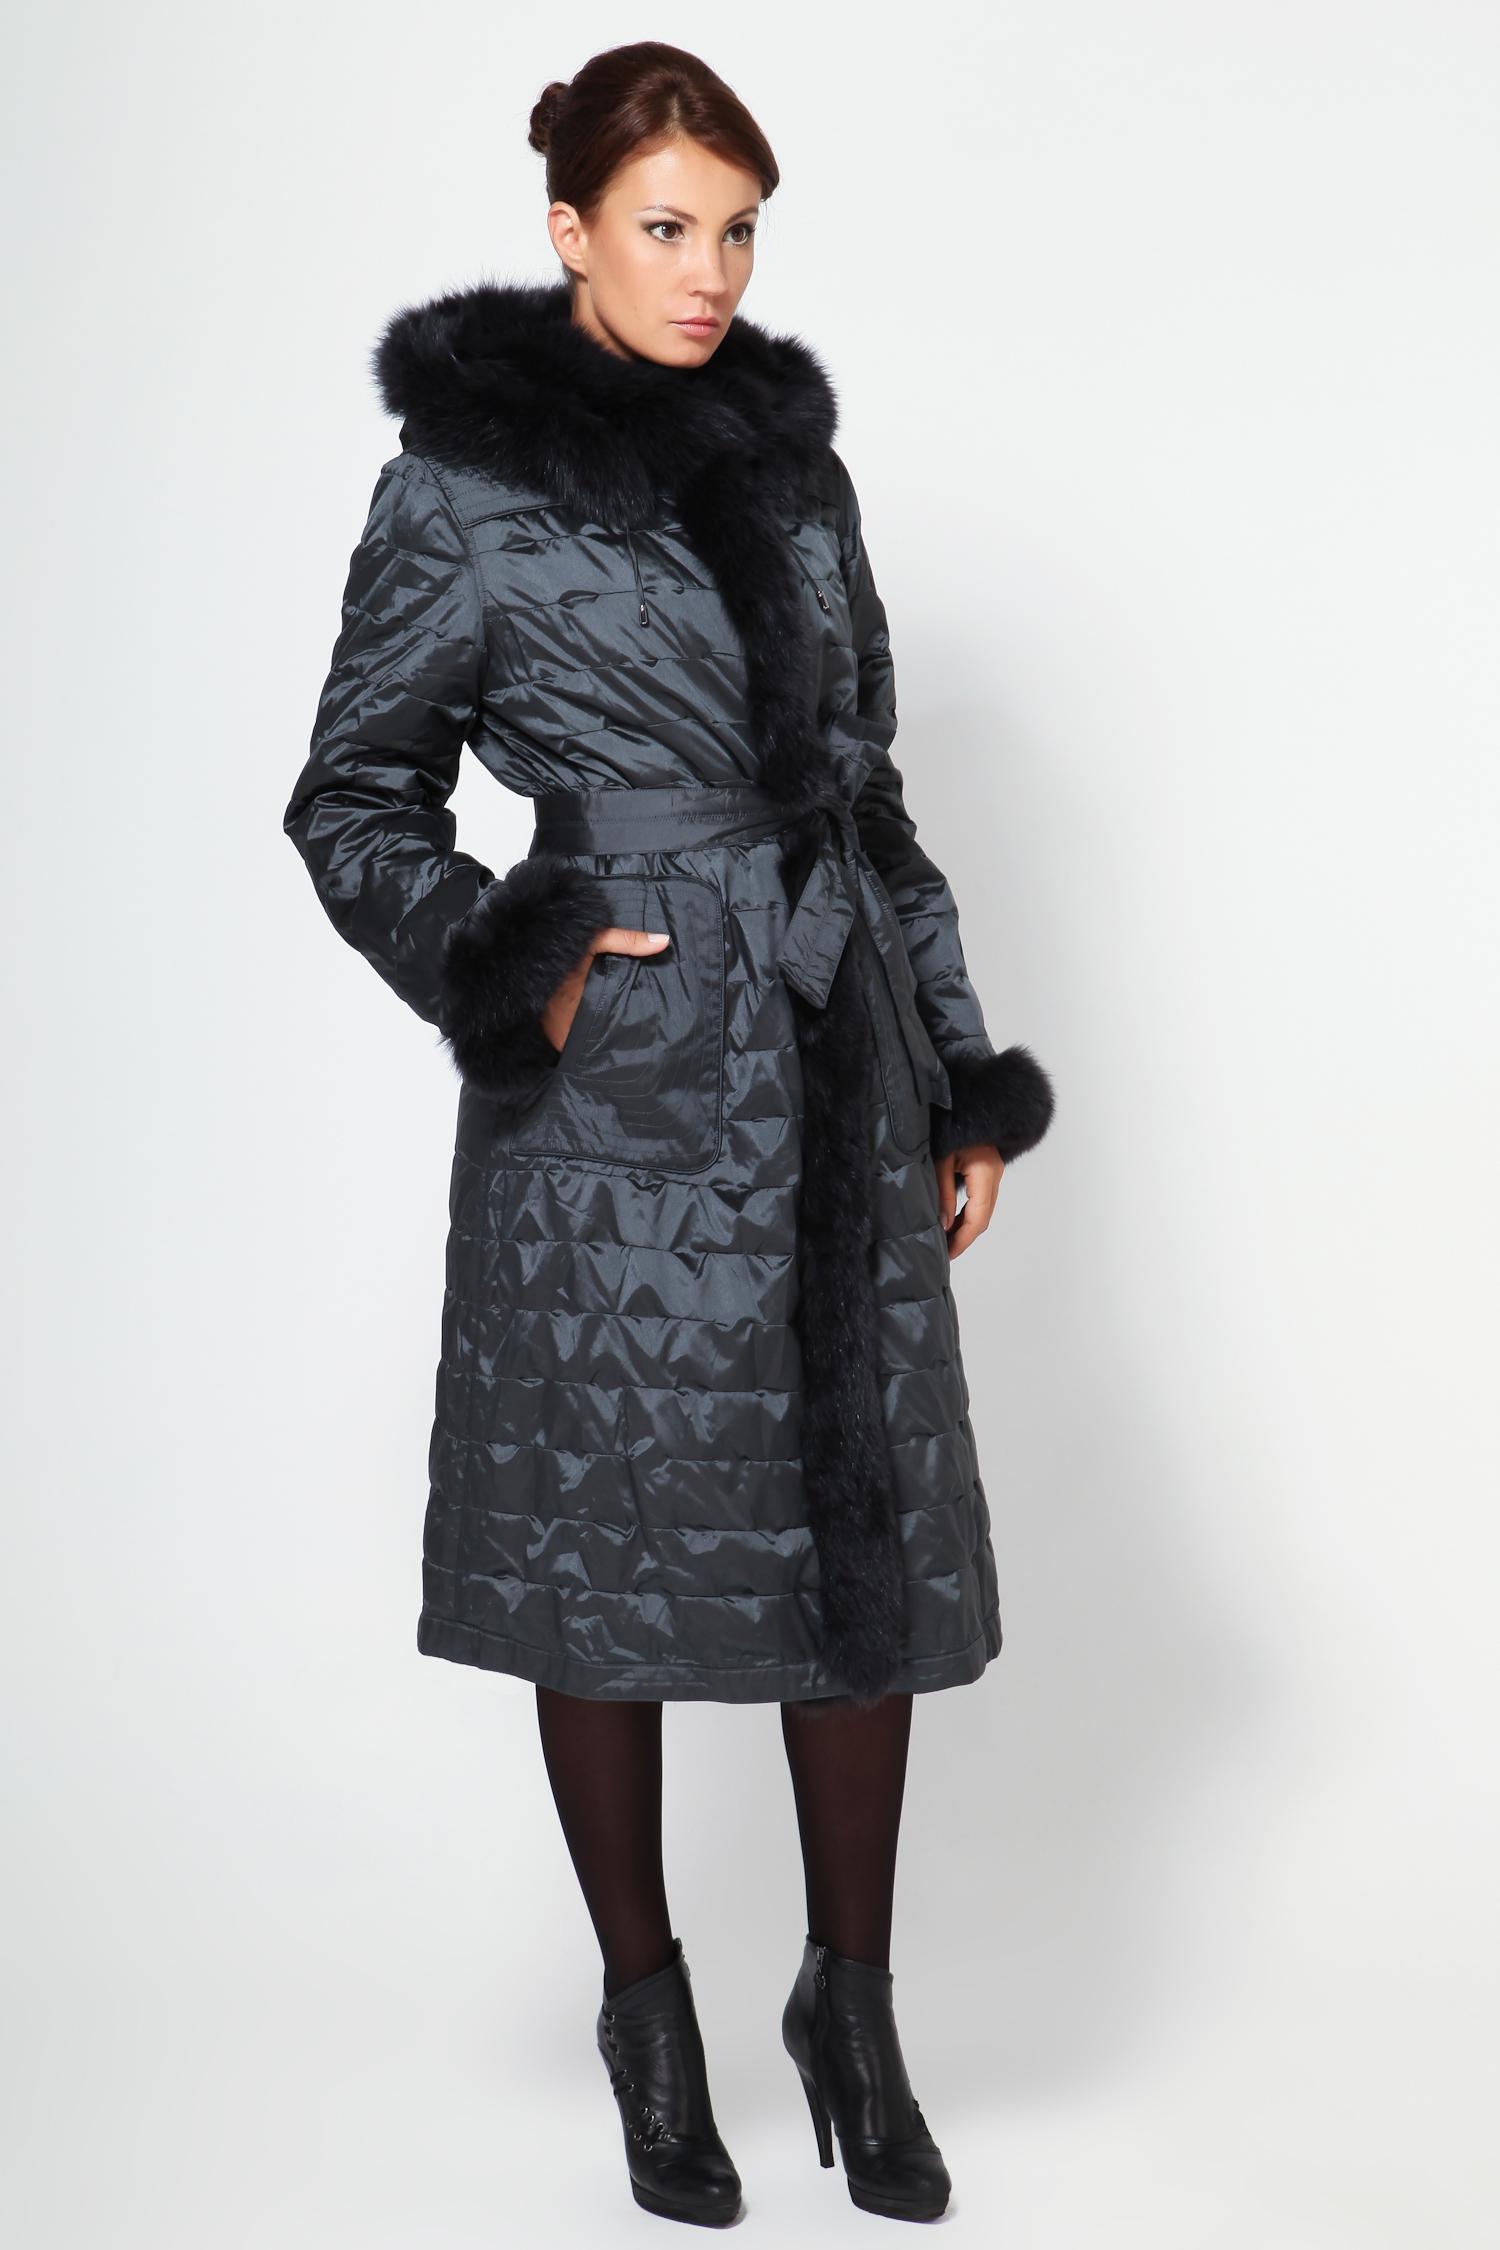 Пальто двустороннее с капюшоном, отделка песецПеред Вами весьма оригинальное двусторонее пальто серого цвета с капюшоном. Одна сторона выполнена из высококачественного текстиля (отталкивает воду, легко устраняются любые загрязнения), а вторая из меха песца. Одна из главных особенностей этого изделия - это удивительная легкость, что для верхней одежды огромный плюс. Отделка пальто выполнена из меха песца. Застегивается пихора на пуговицы. Наличие капюшона позволяет не носить головной убор, но при желании его можно отстегнуть. Эту модель можно носить до -10 градусов. Фасон прямой, но можно повязать пояс, таким образом подчеркнуть талию. В этом пальто Вы будете выглядеть роскошно каждый день!<br><br>Воротник: Капюшон<br>Длина см: 115<br>Материал: Текстиль/песец<br>Цвет: Серый<br>Вид застежки: Песец<br>Пол: Женский